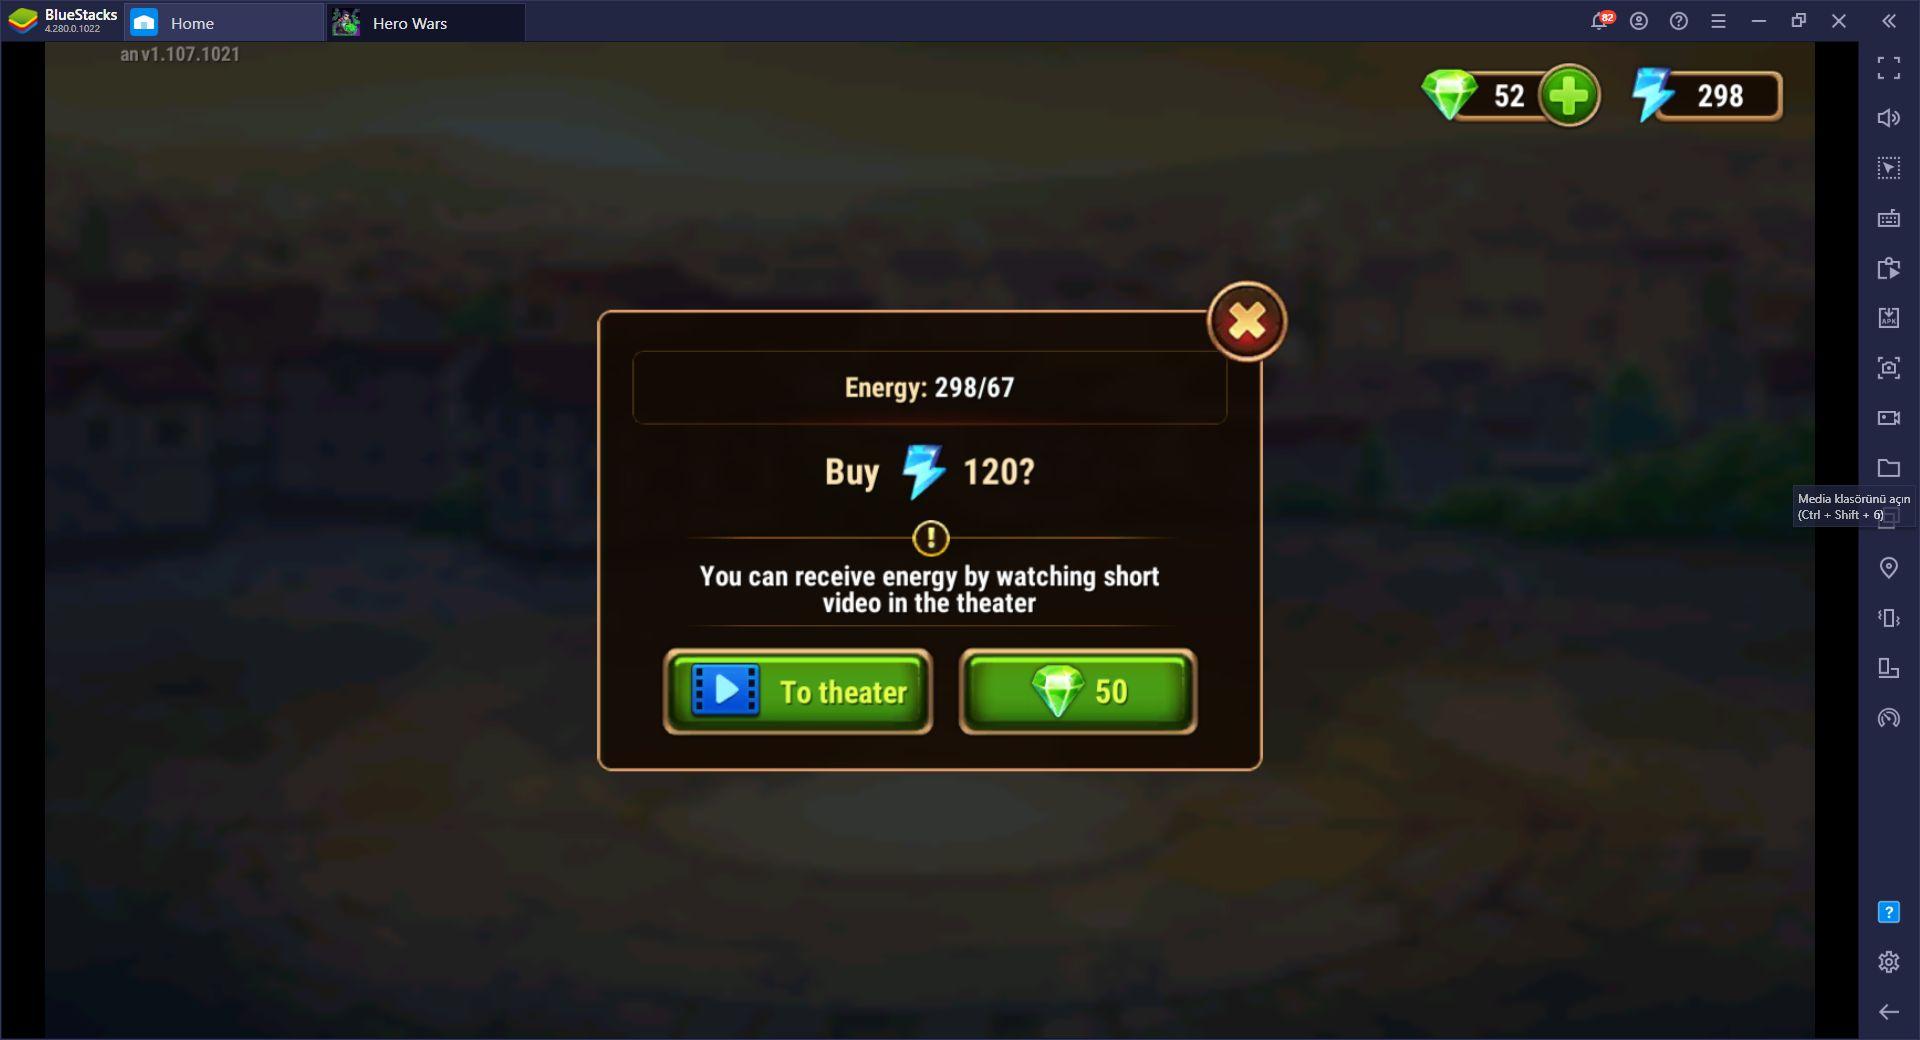 Hero Wars Oyununda Farm Nasıl Yapılır?